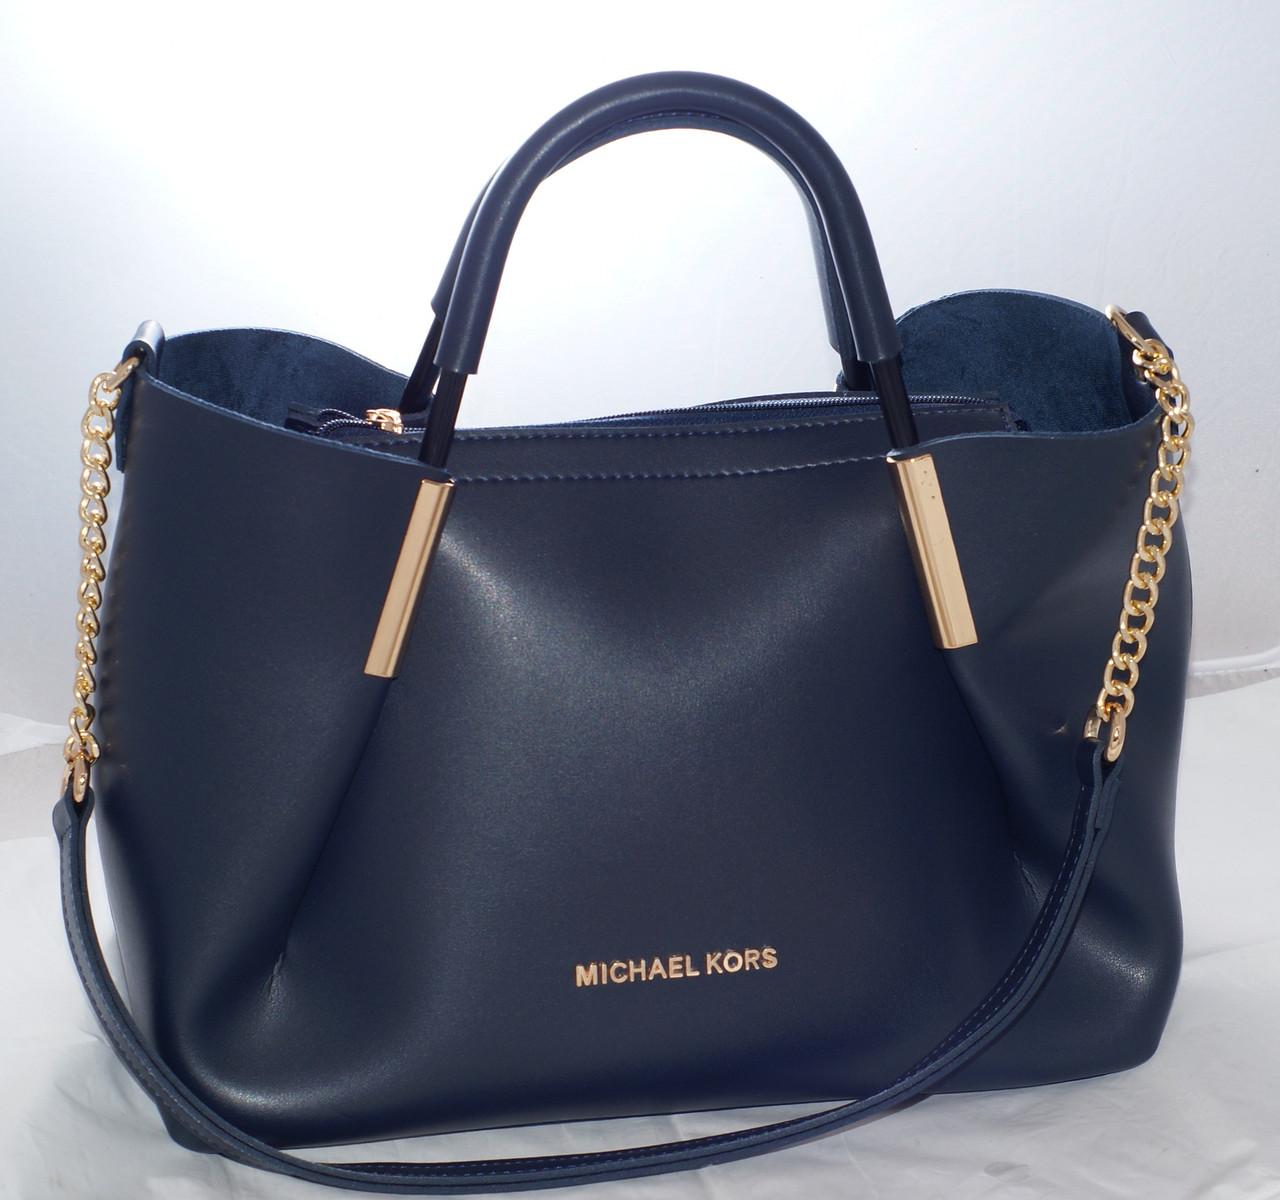 1917c942c4fa Женская сумка Michael Kors (Майкл Корс) с отстёгивающейся косметичкой, синяя  - Интернет-